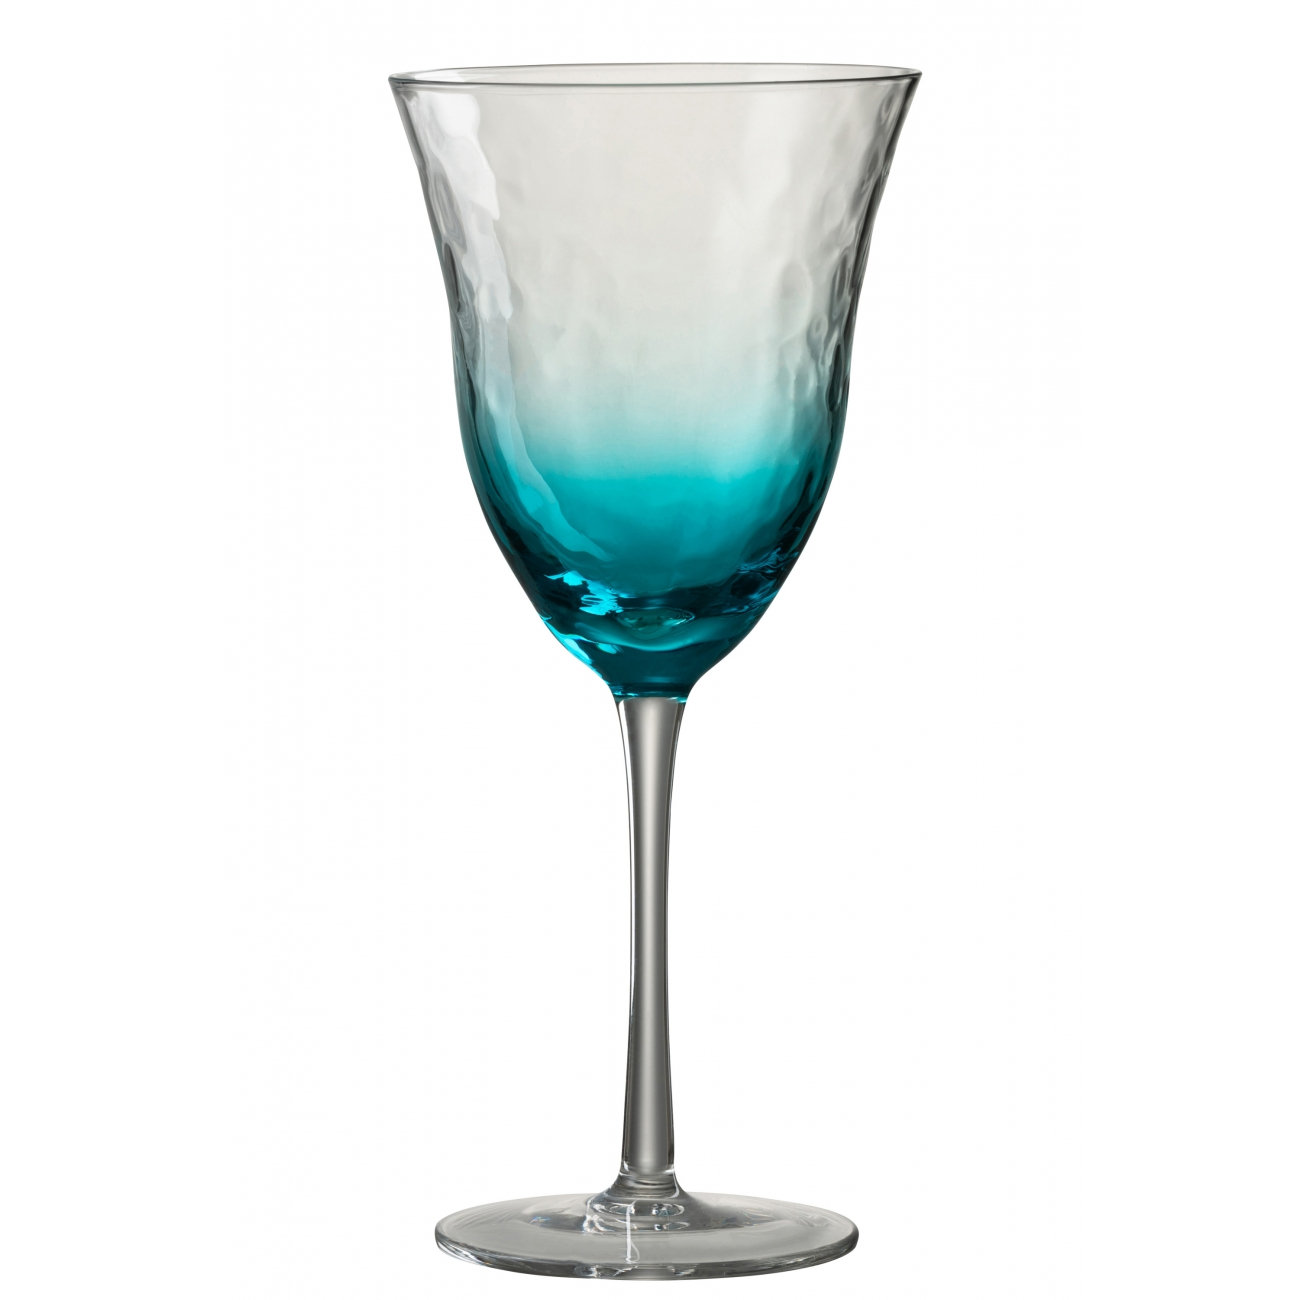 Бокал для вина стеклянный  J-LINE обьем 360 мл синего цвета  Бельгия